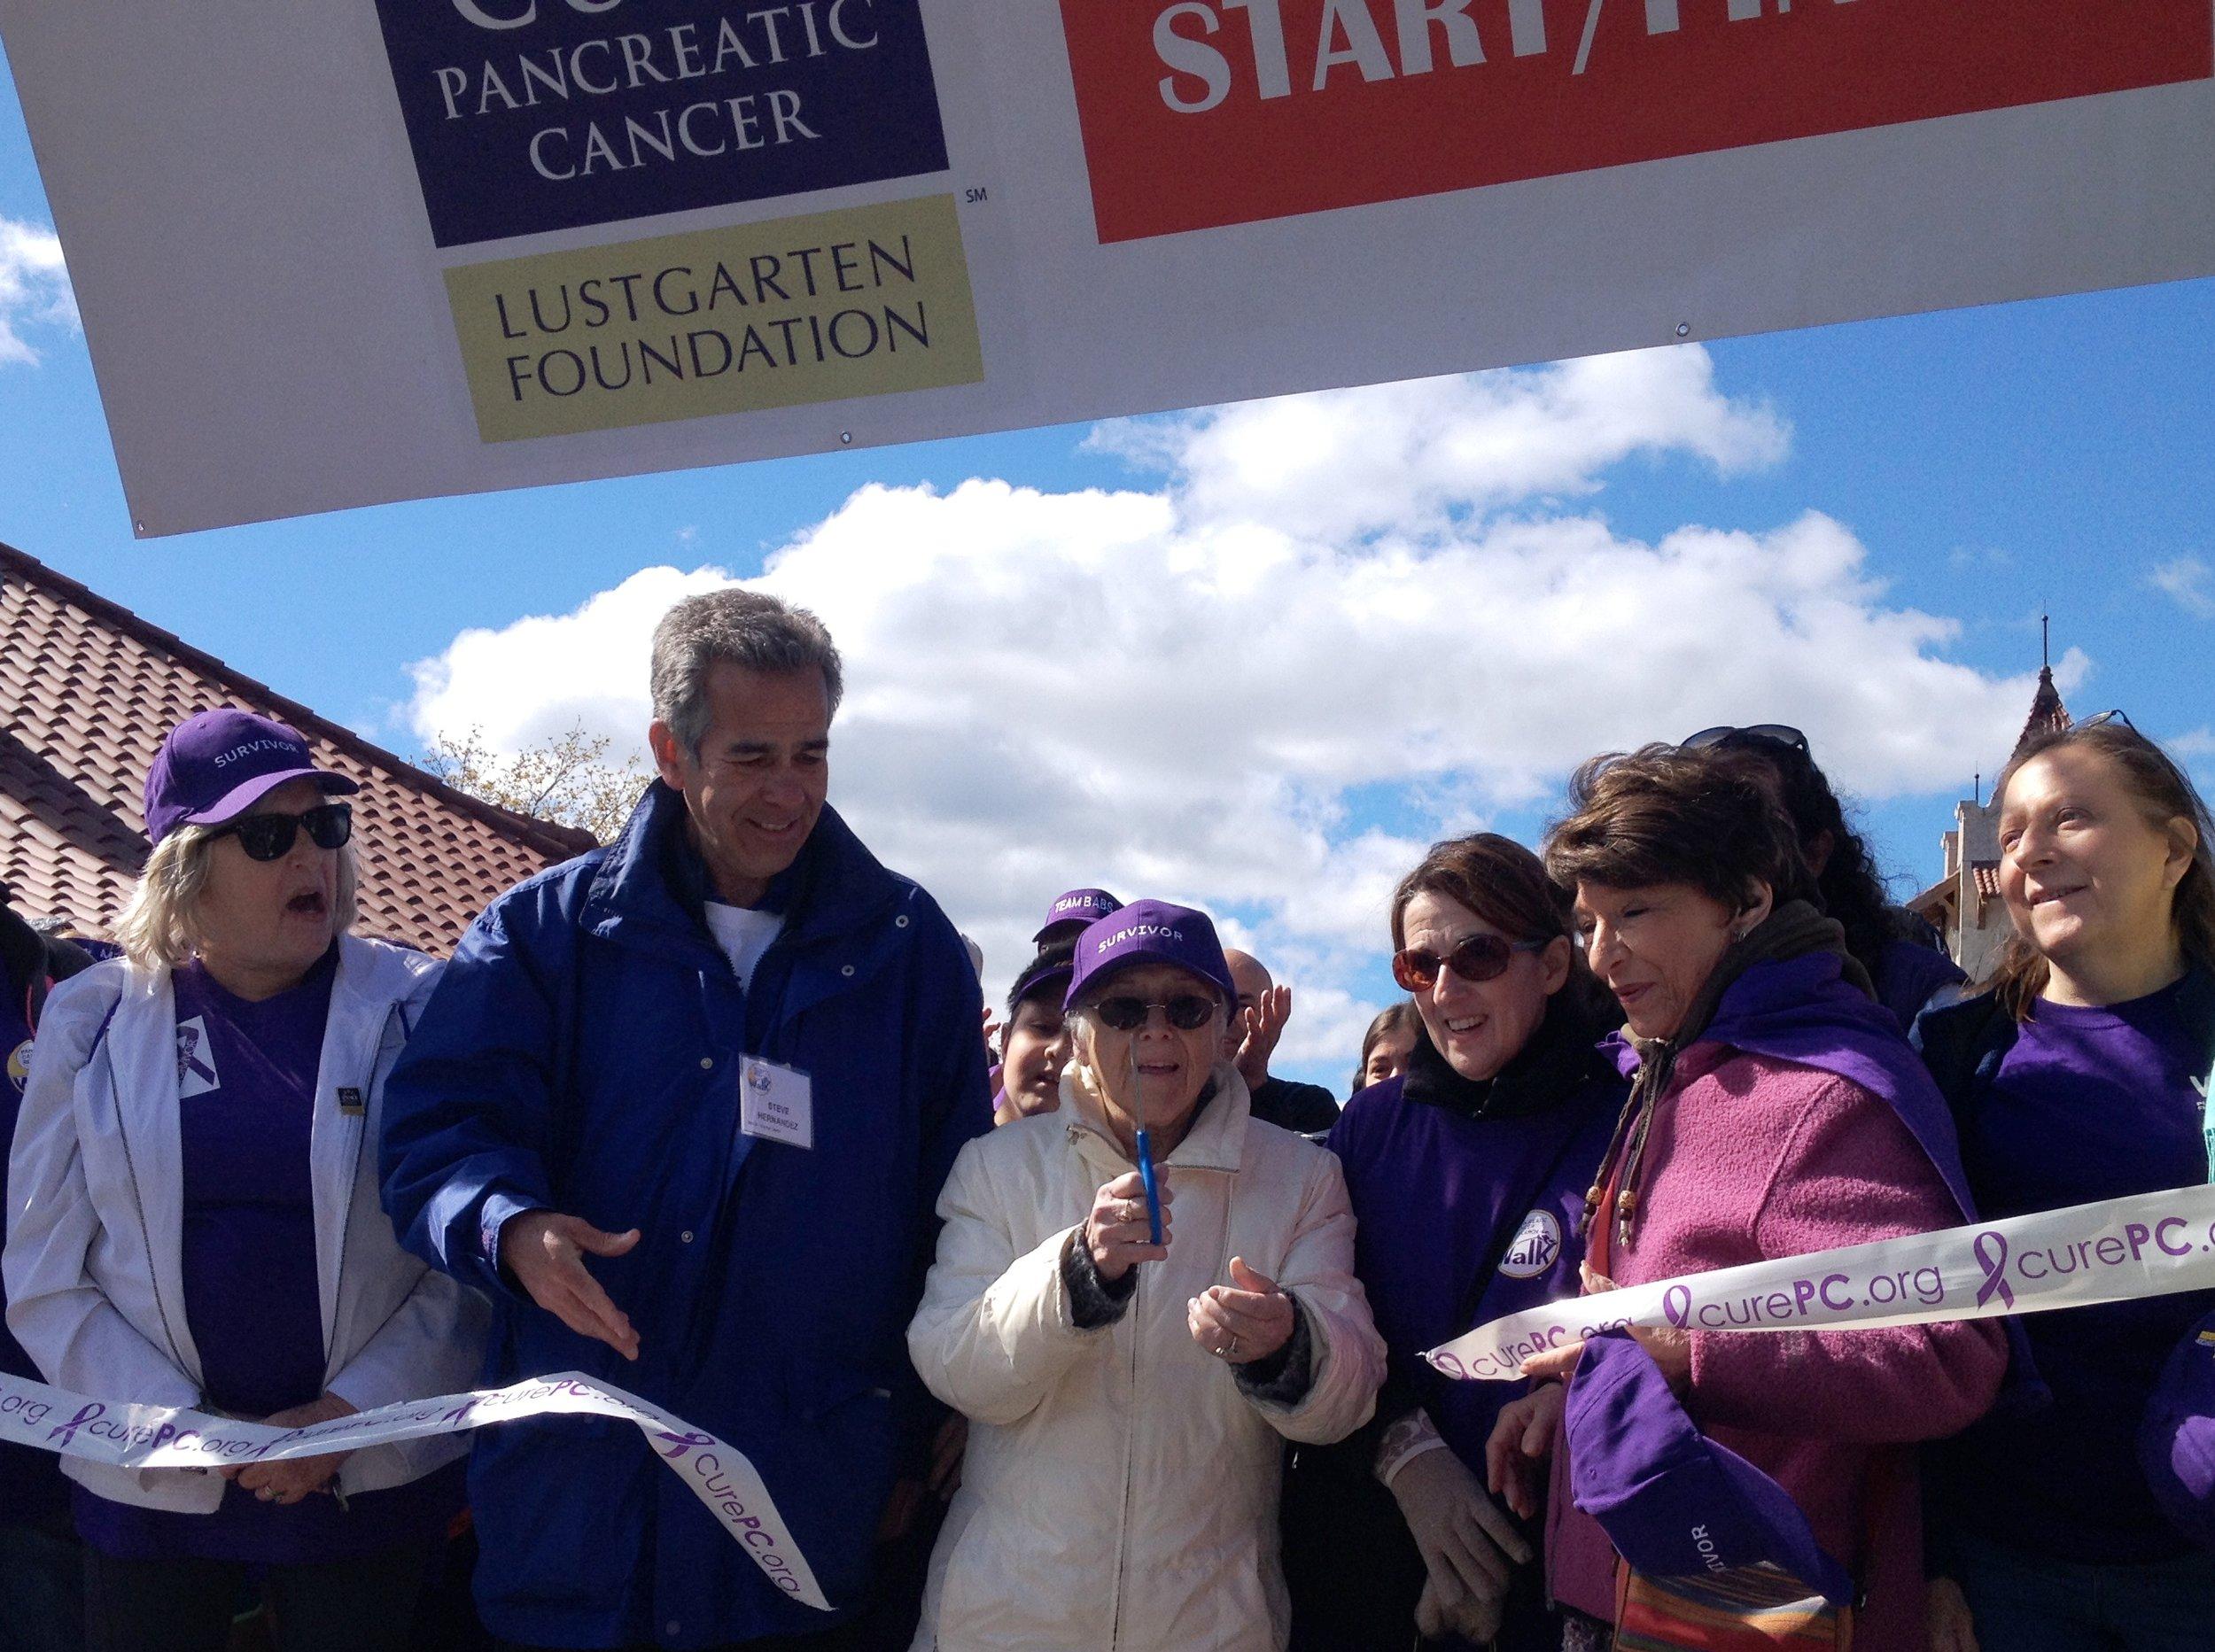 Cancer foundation 2015 walk